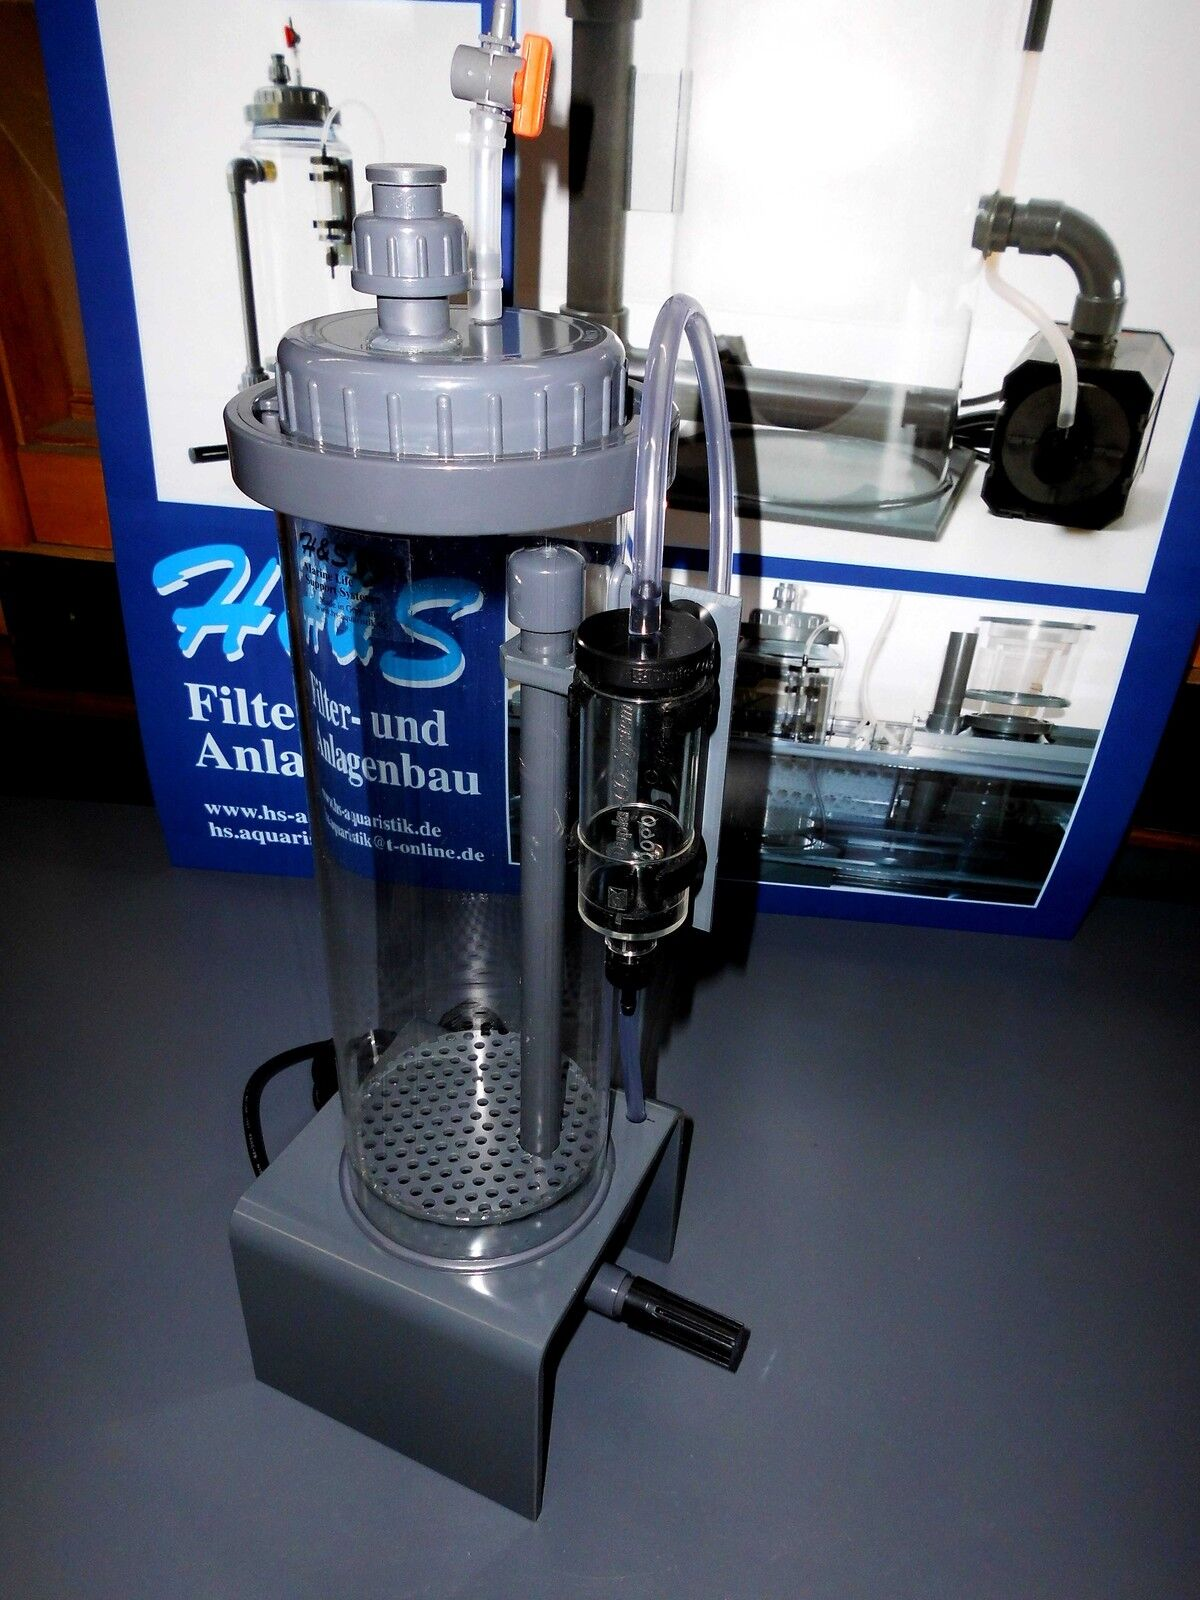 H&s calce reattore tipo 150-f2000ia 150-f2000ia 150-f2000ia 6680b9